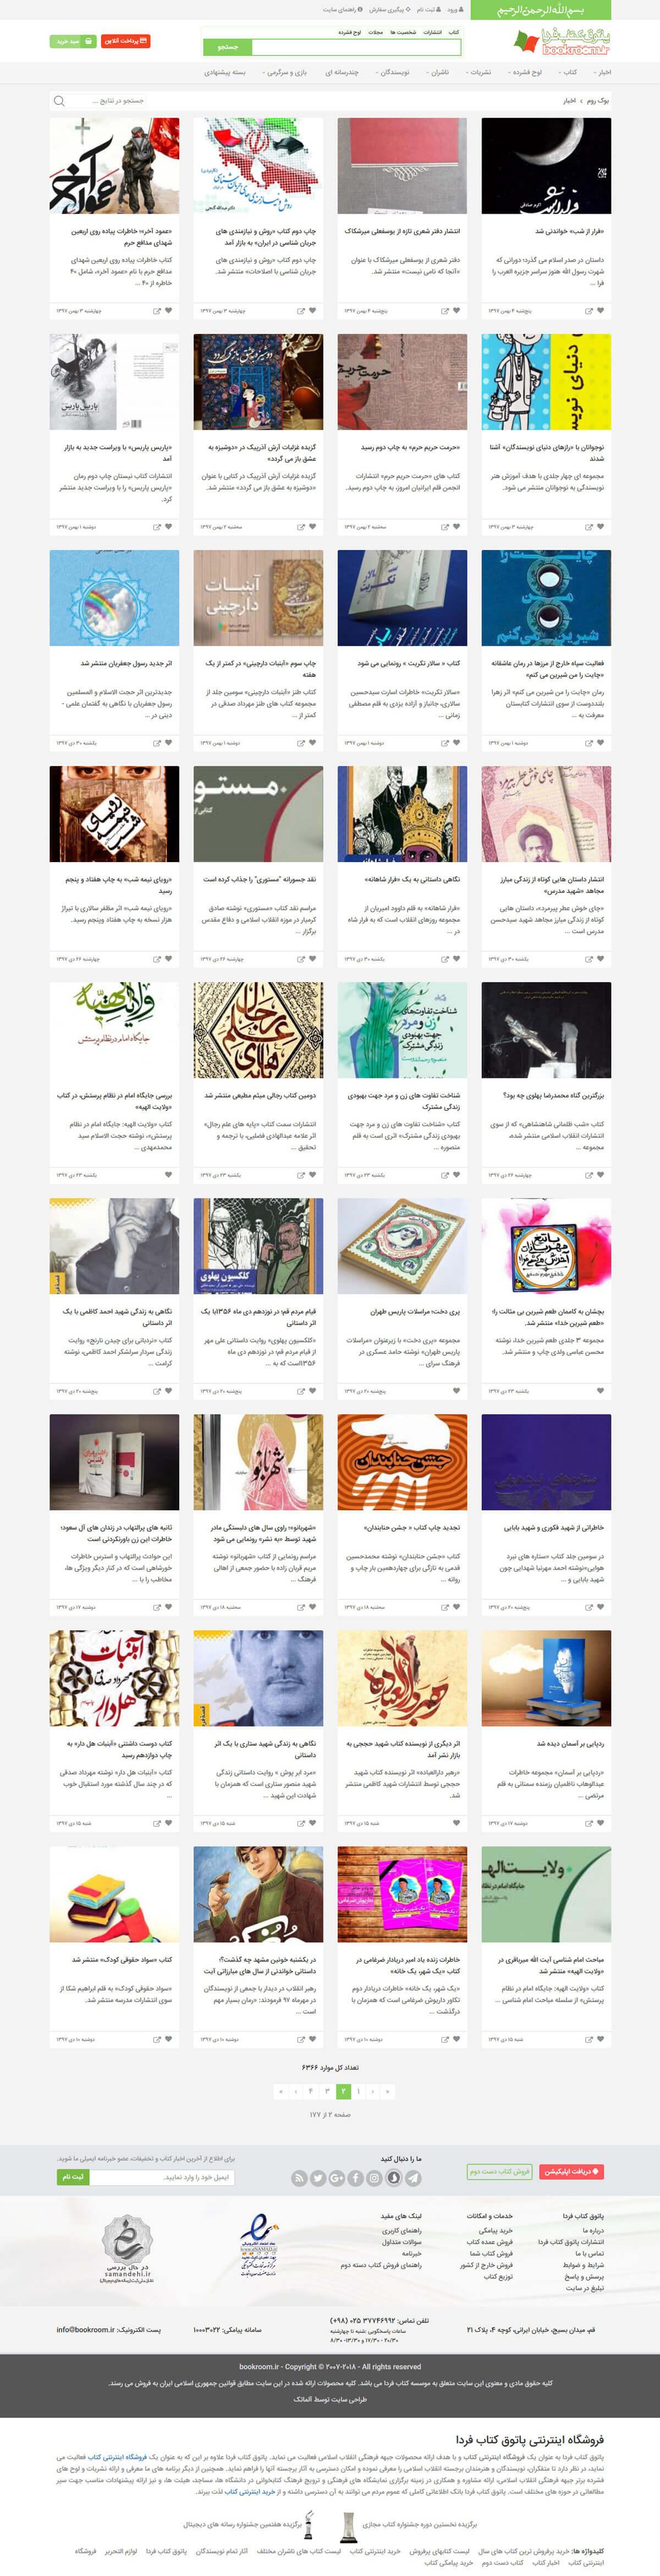 طراحی فهرست اخبار سایت فروشگاهی بوک روم